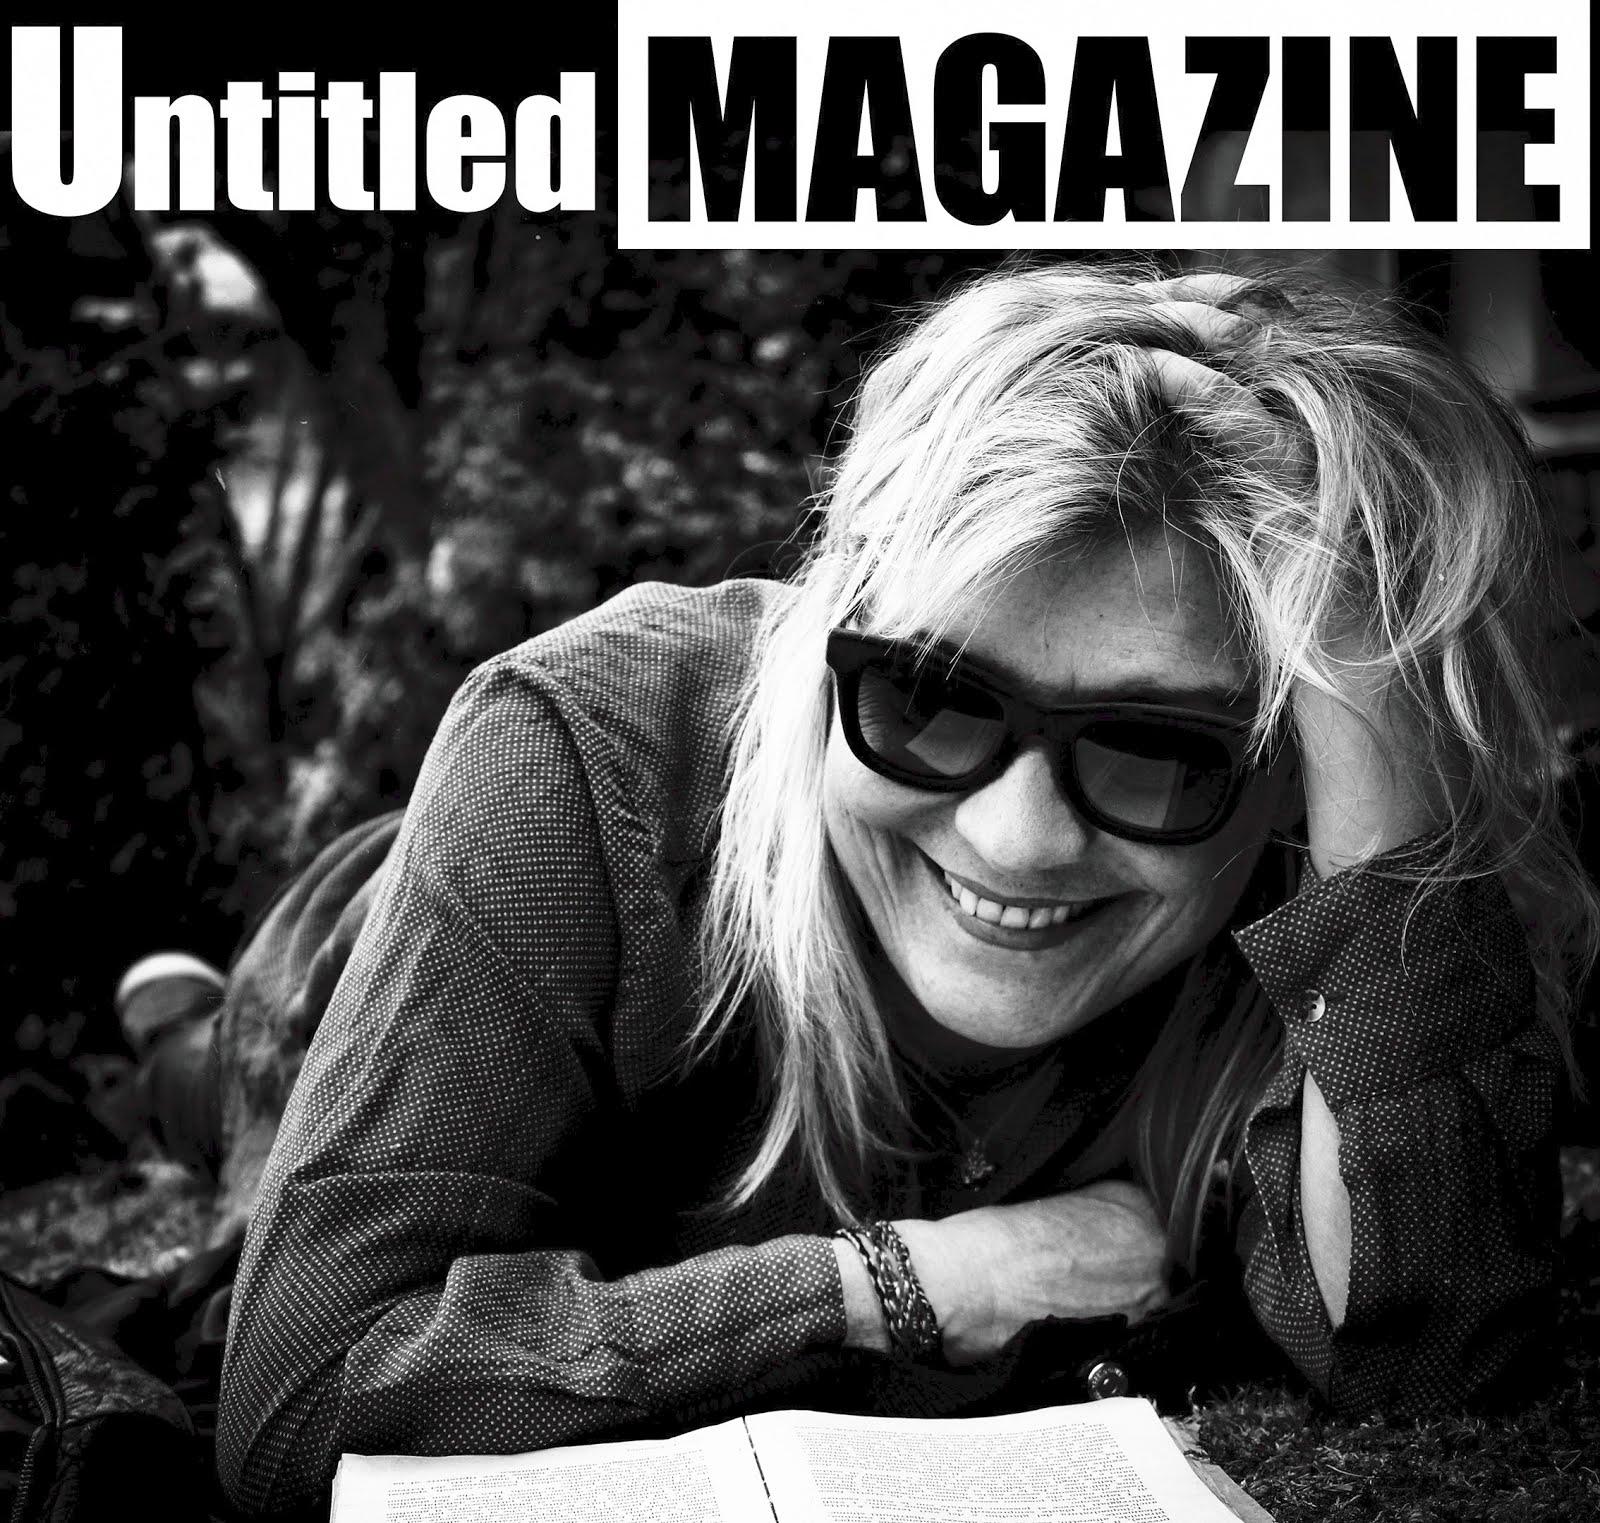 Intervista alla scrittrice e giornalista MILKA GOZZER